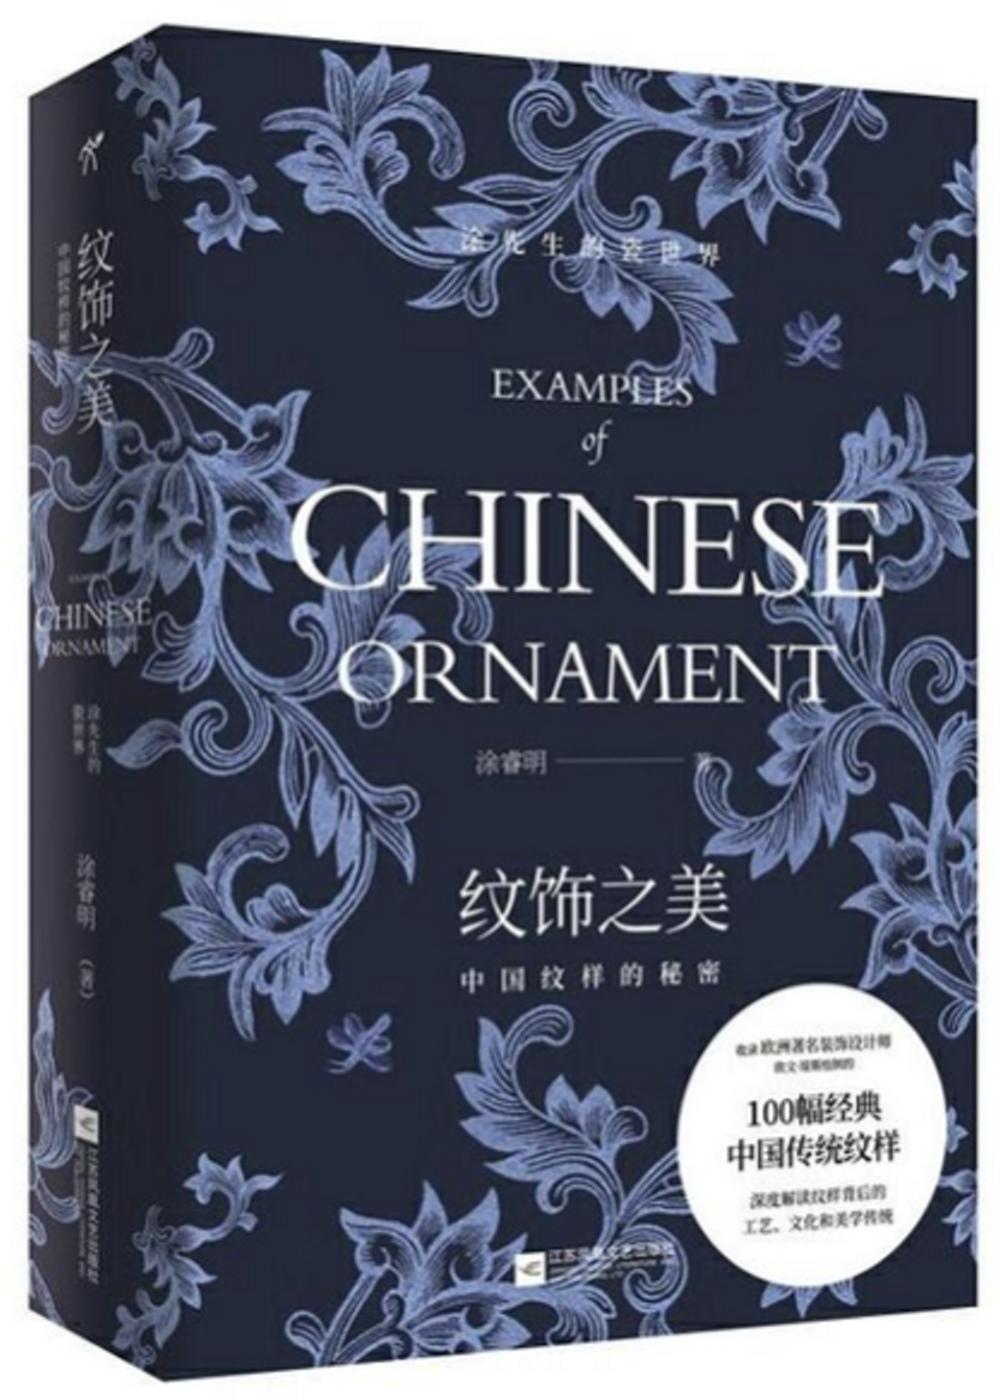 紋飾之美:中國紋樣的秘密